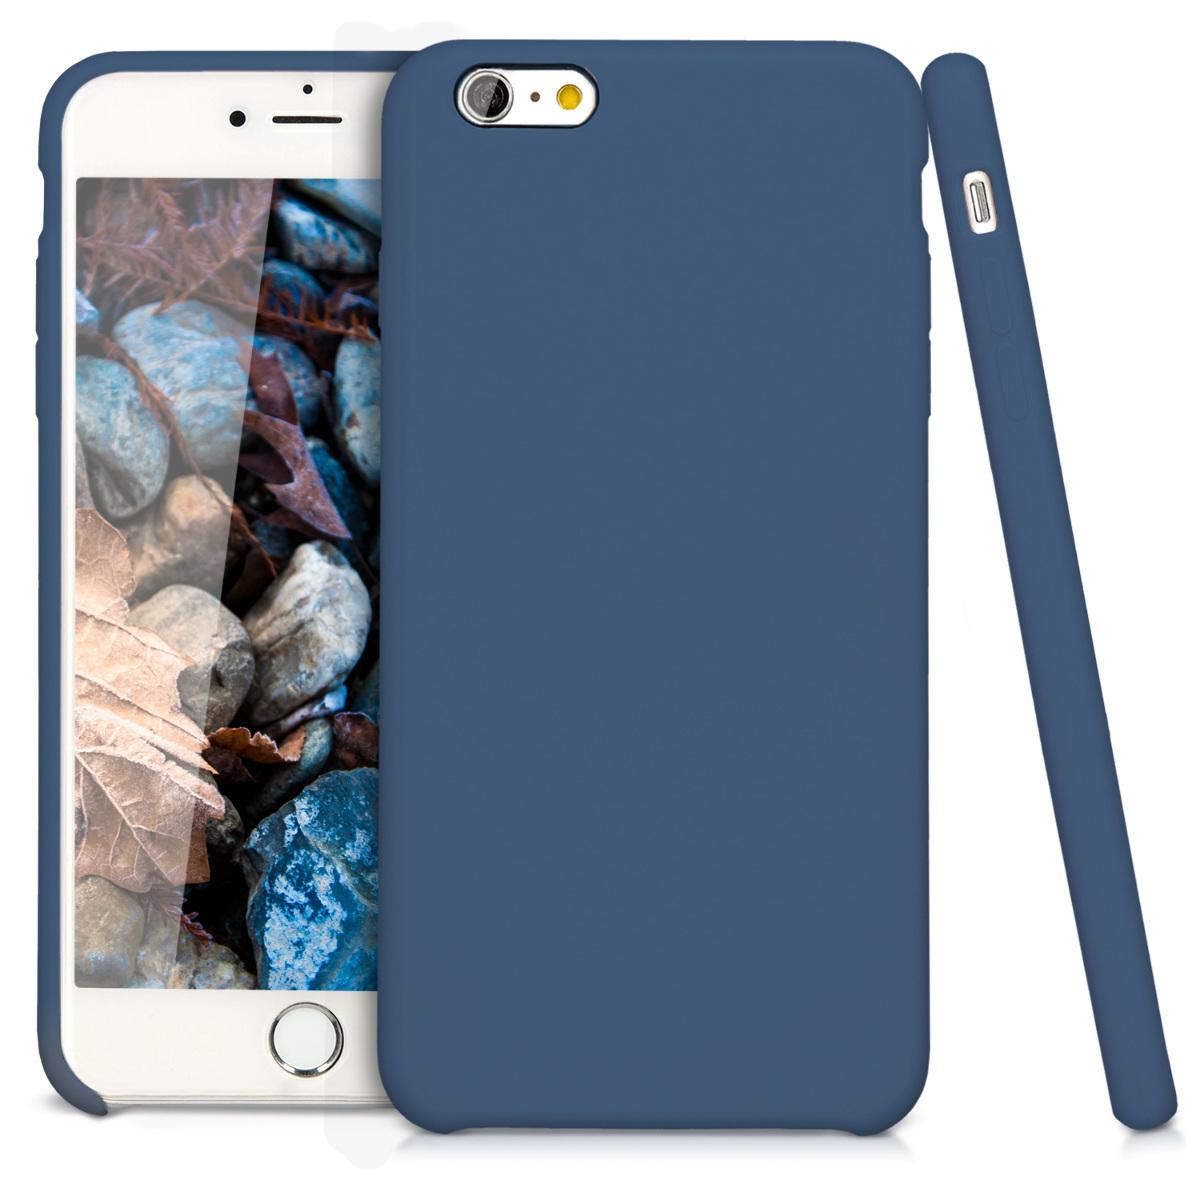 Iphone S Schutzhulle Silikon